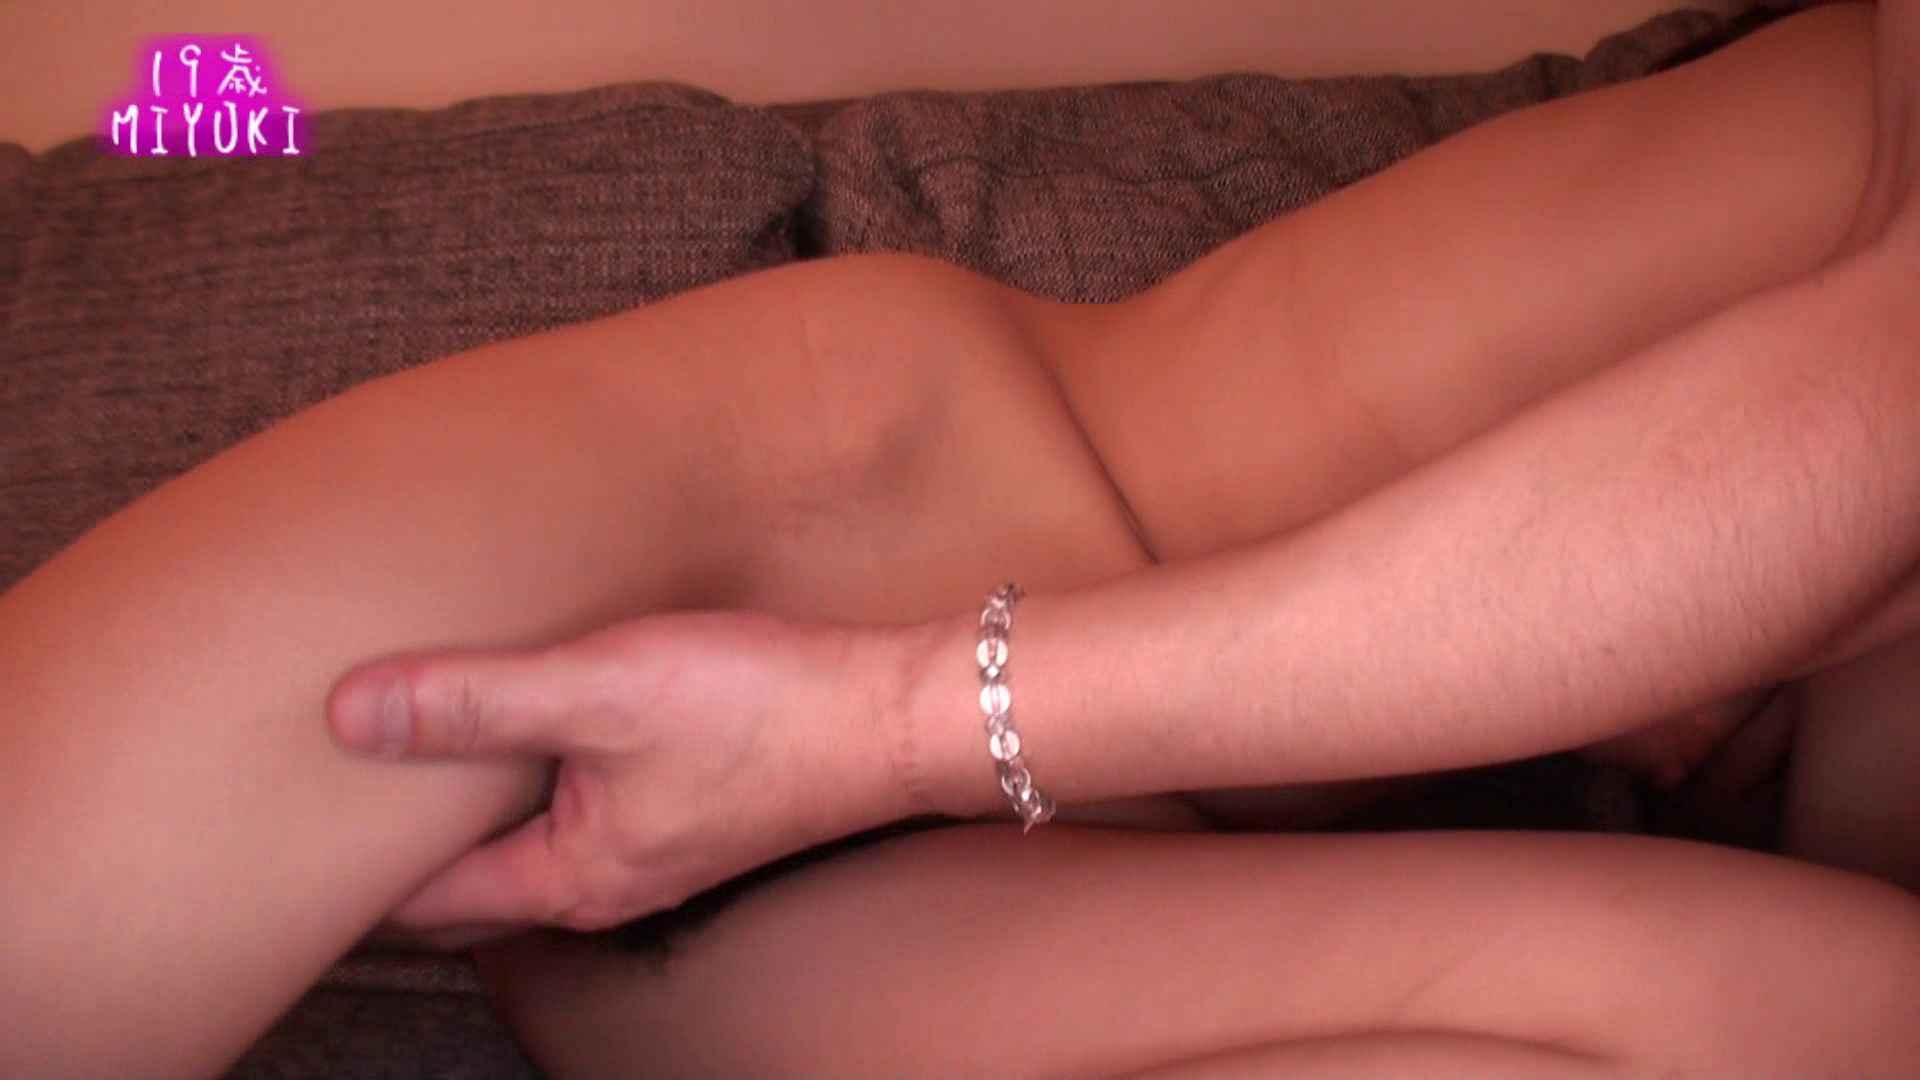 19歳MIYUKIちゃんのフェラ気持ち良さそうです 素人達のヌード   フェラ  90連発 22